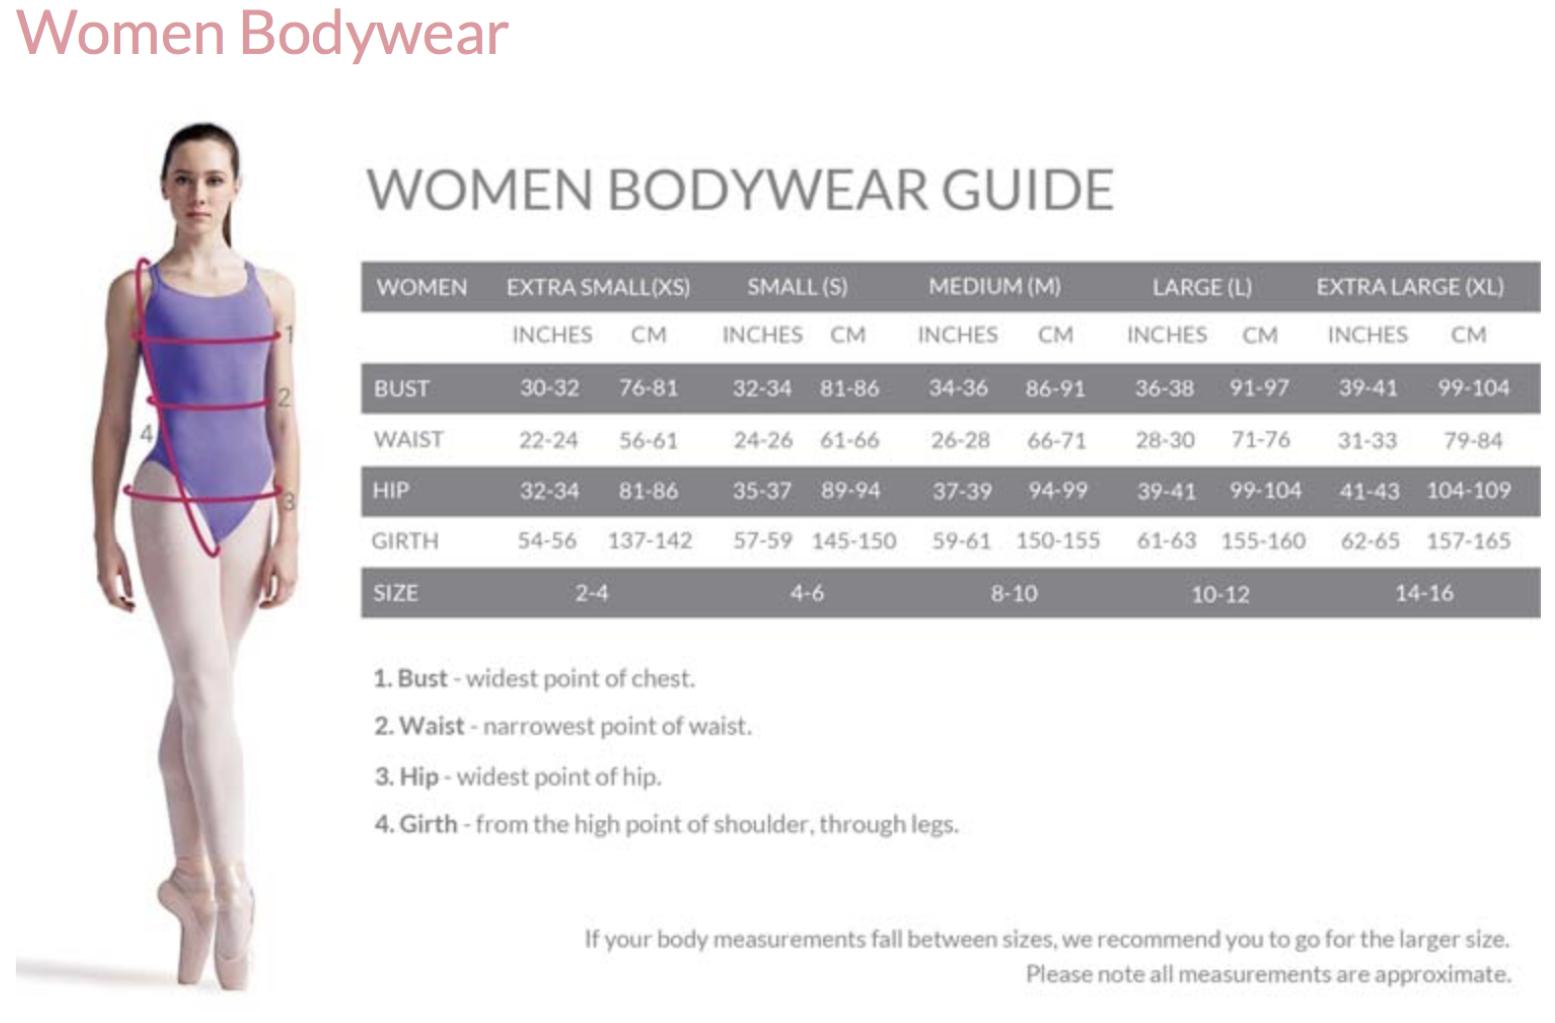 Women Bodywear Guide